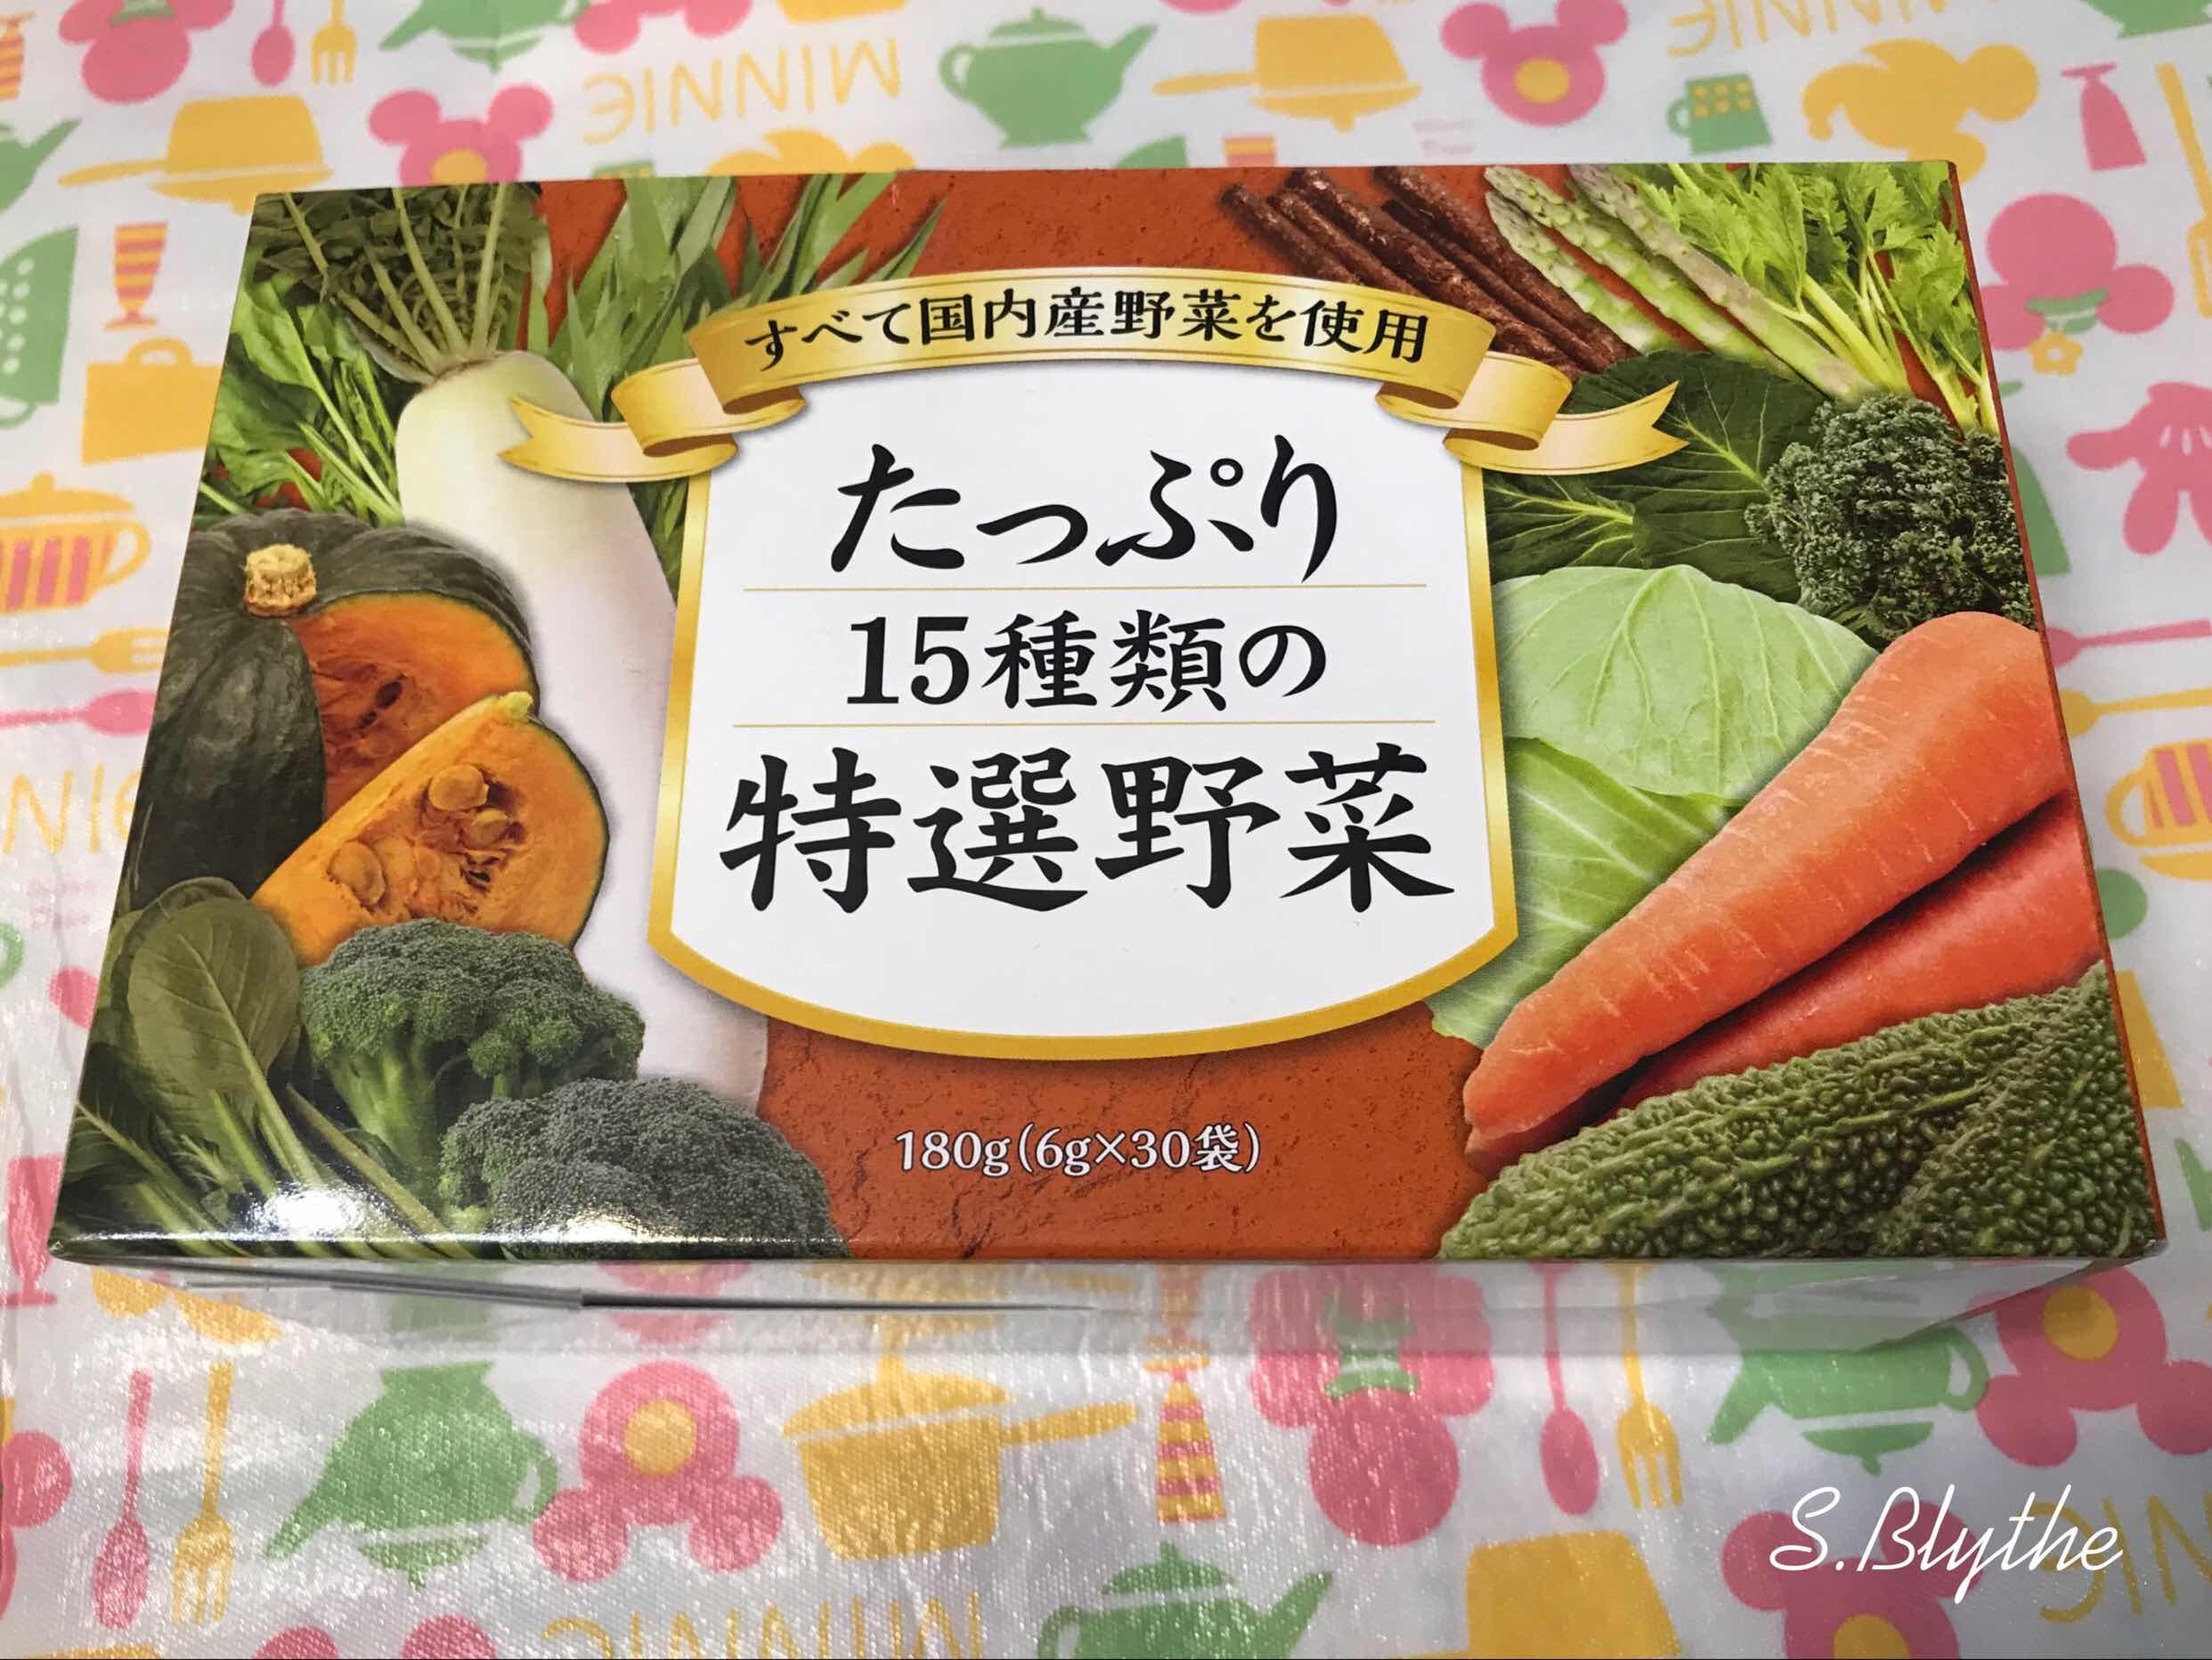 孕婦佳品-日本15種特選野菜粉